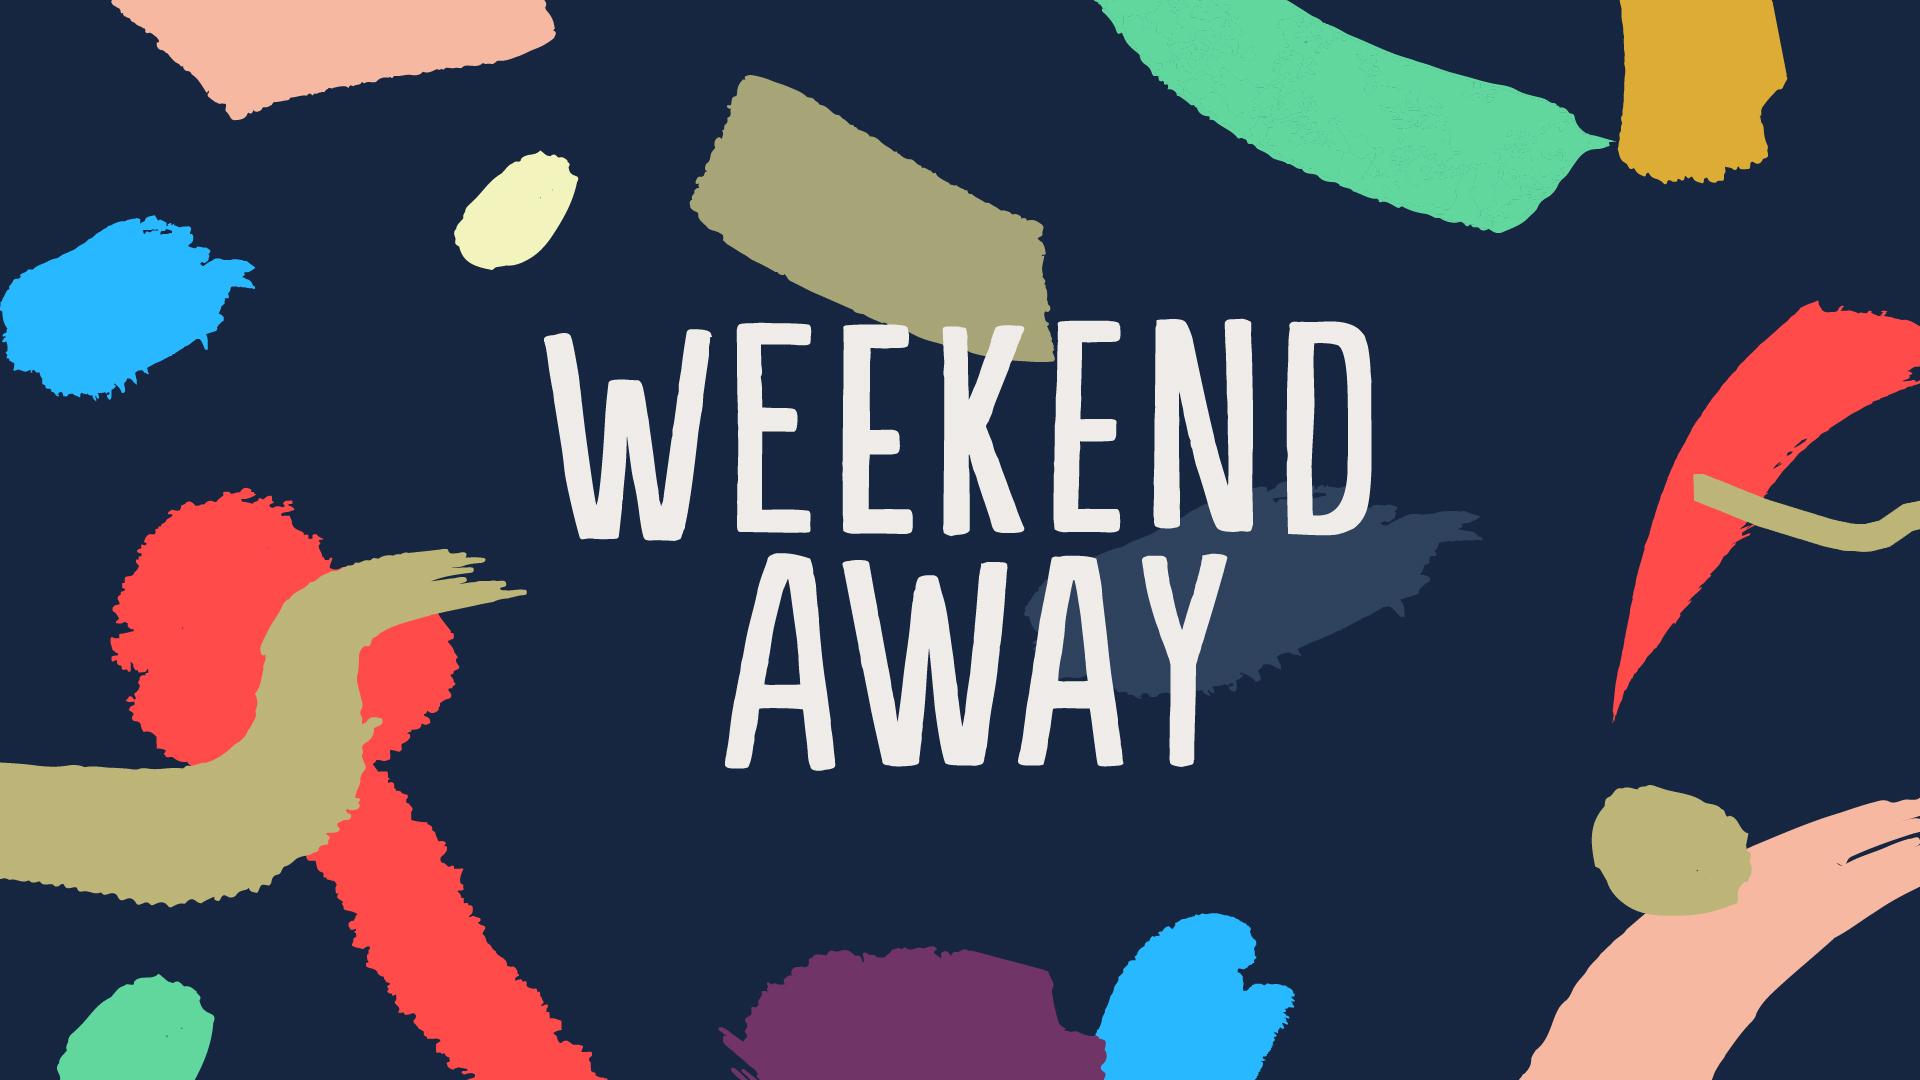 KXC_Weekend_Away_2019_1920x1080_Blank.jpg